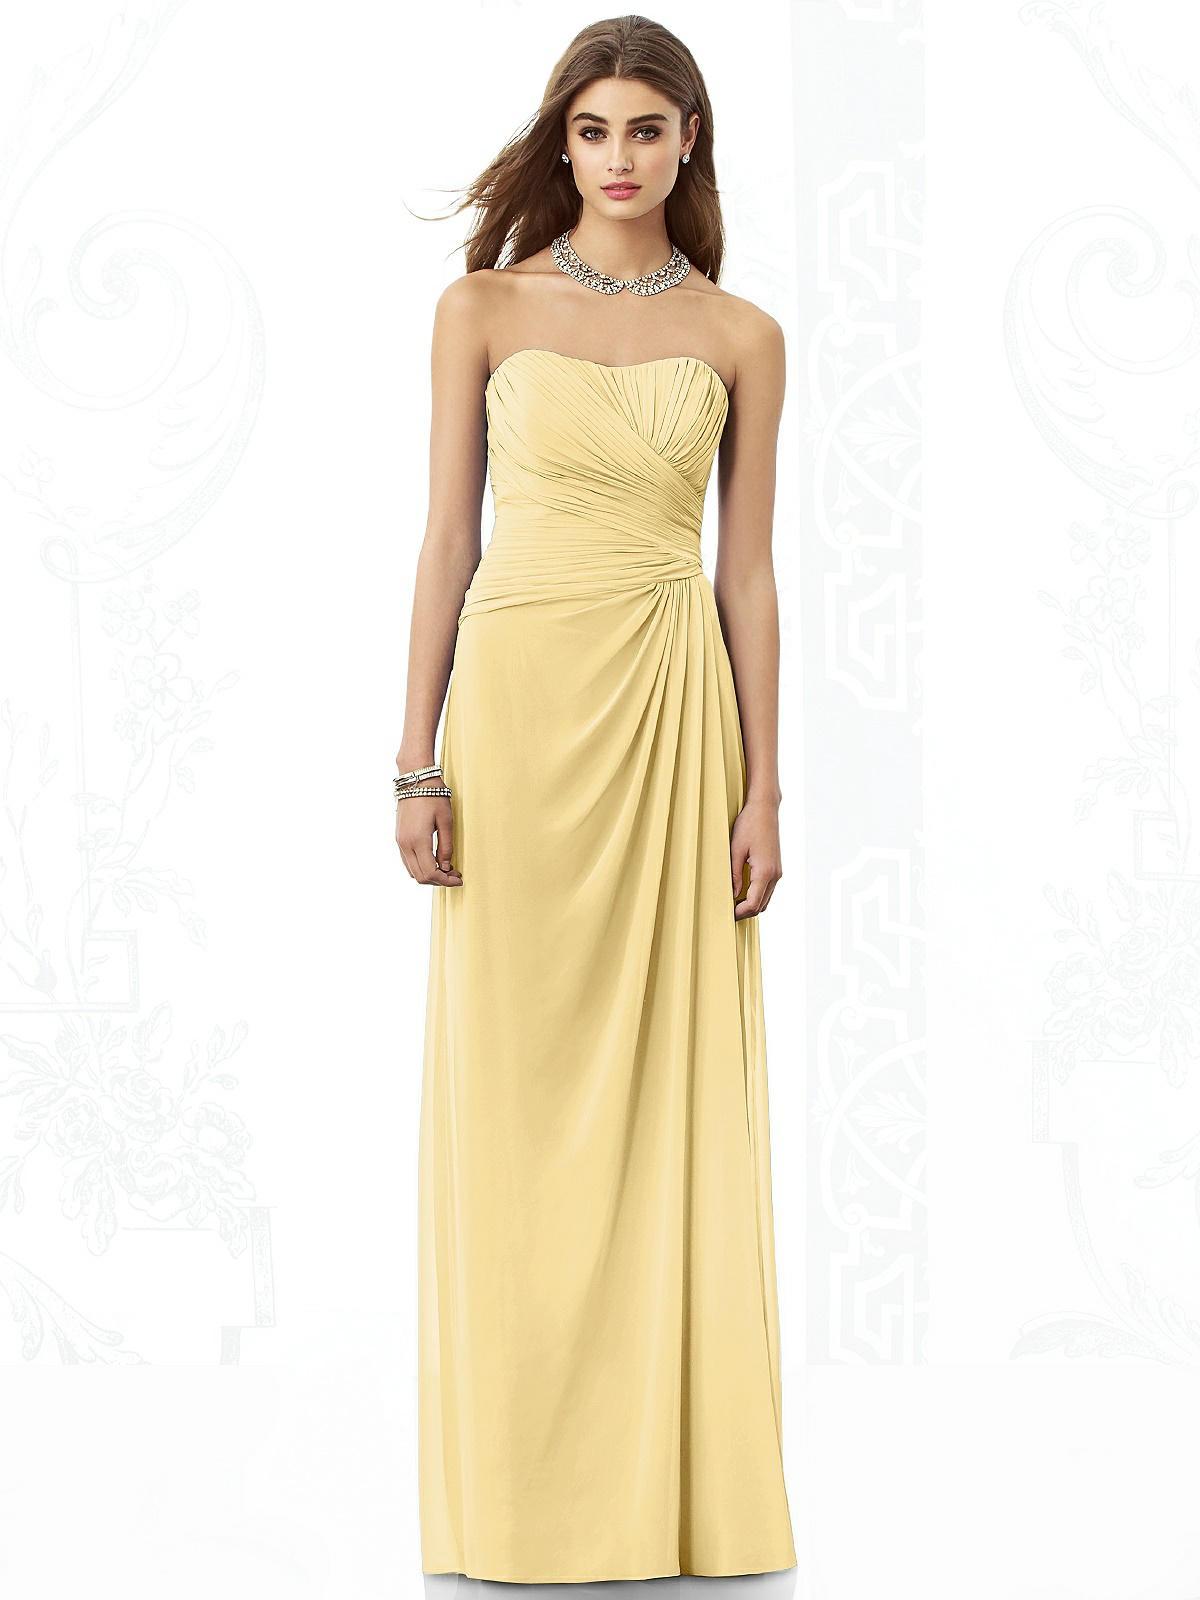 212d21f341973 Lemon Bridesmaid Dresses Ebay Uk - raveitsafe